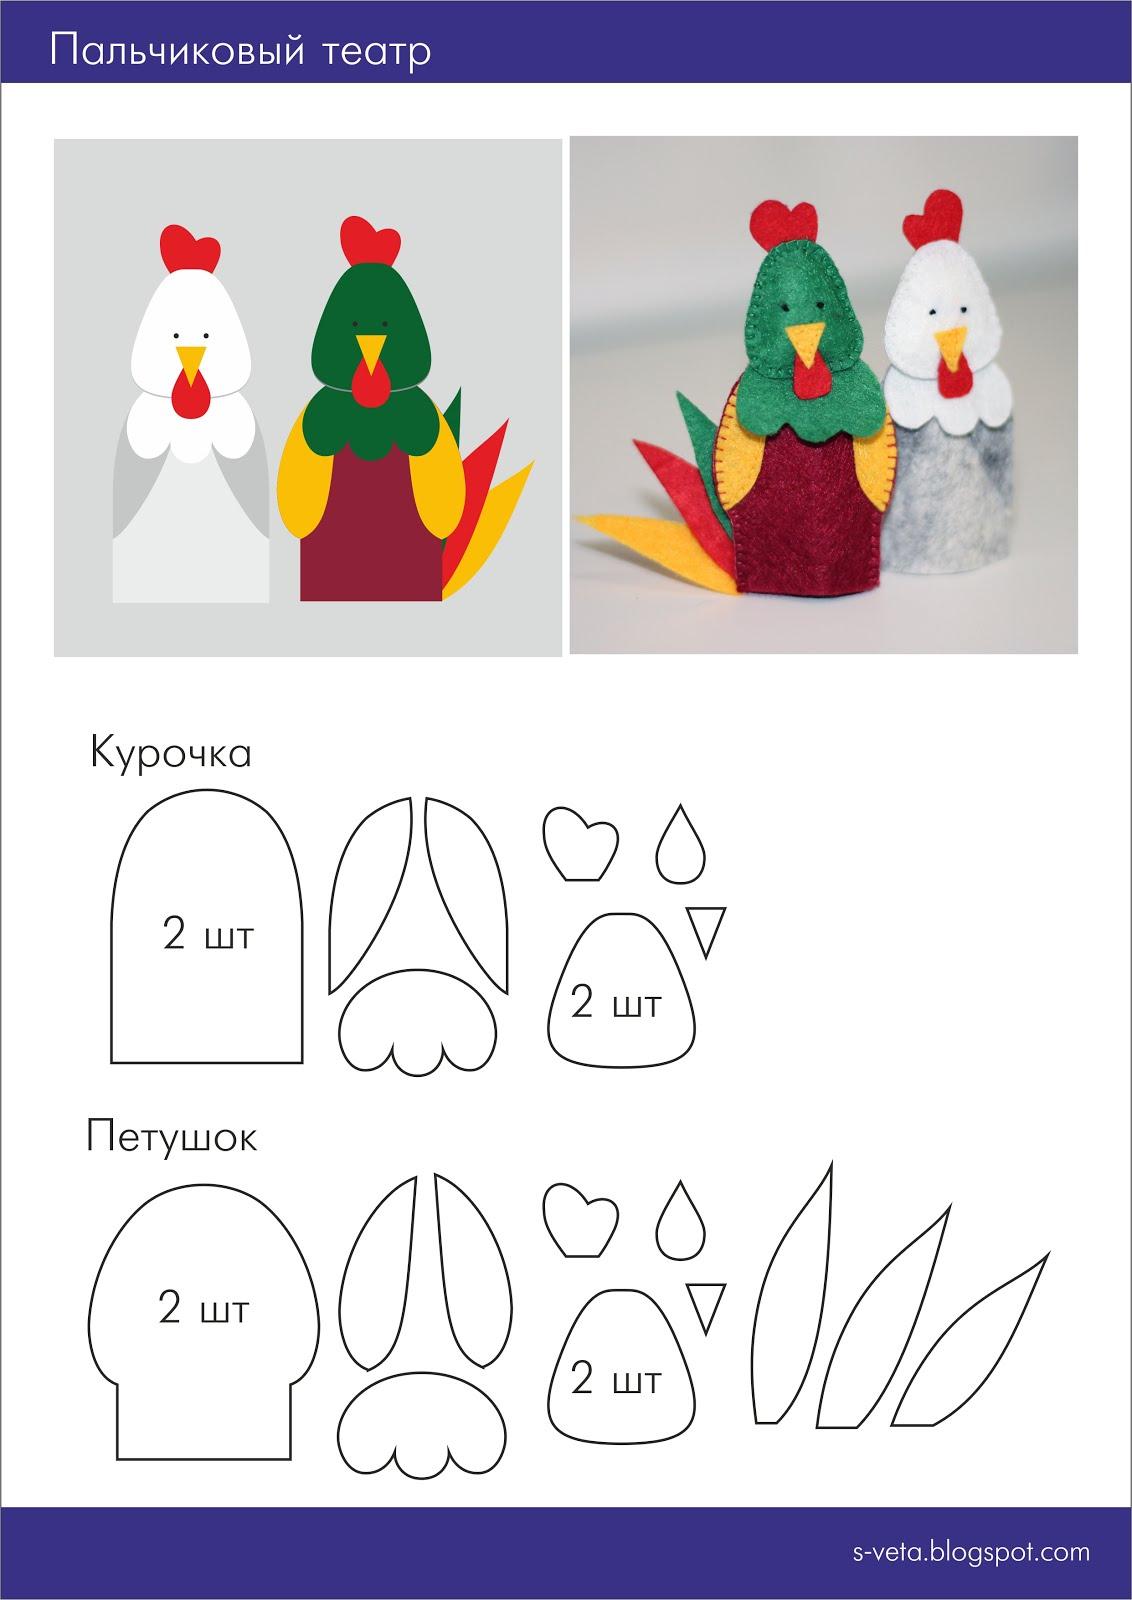 Шаблоны пальчиковых кукол из фетра своими руками 79